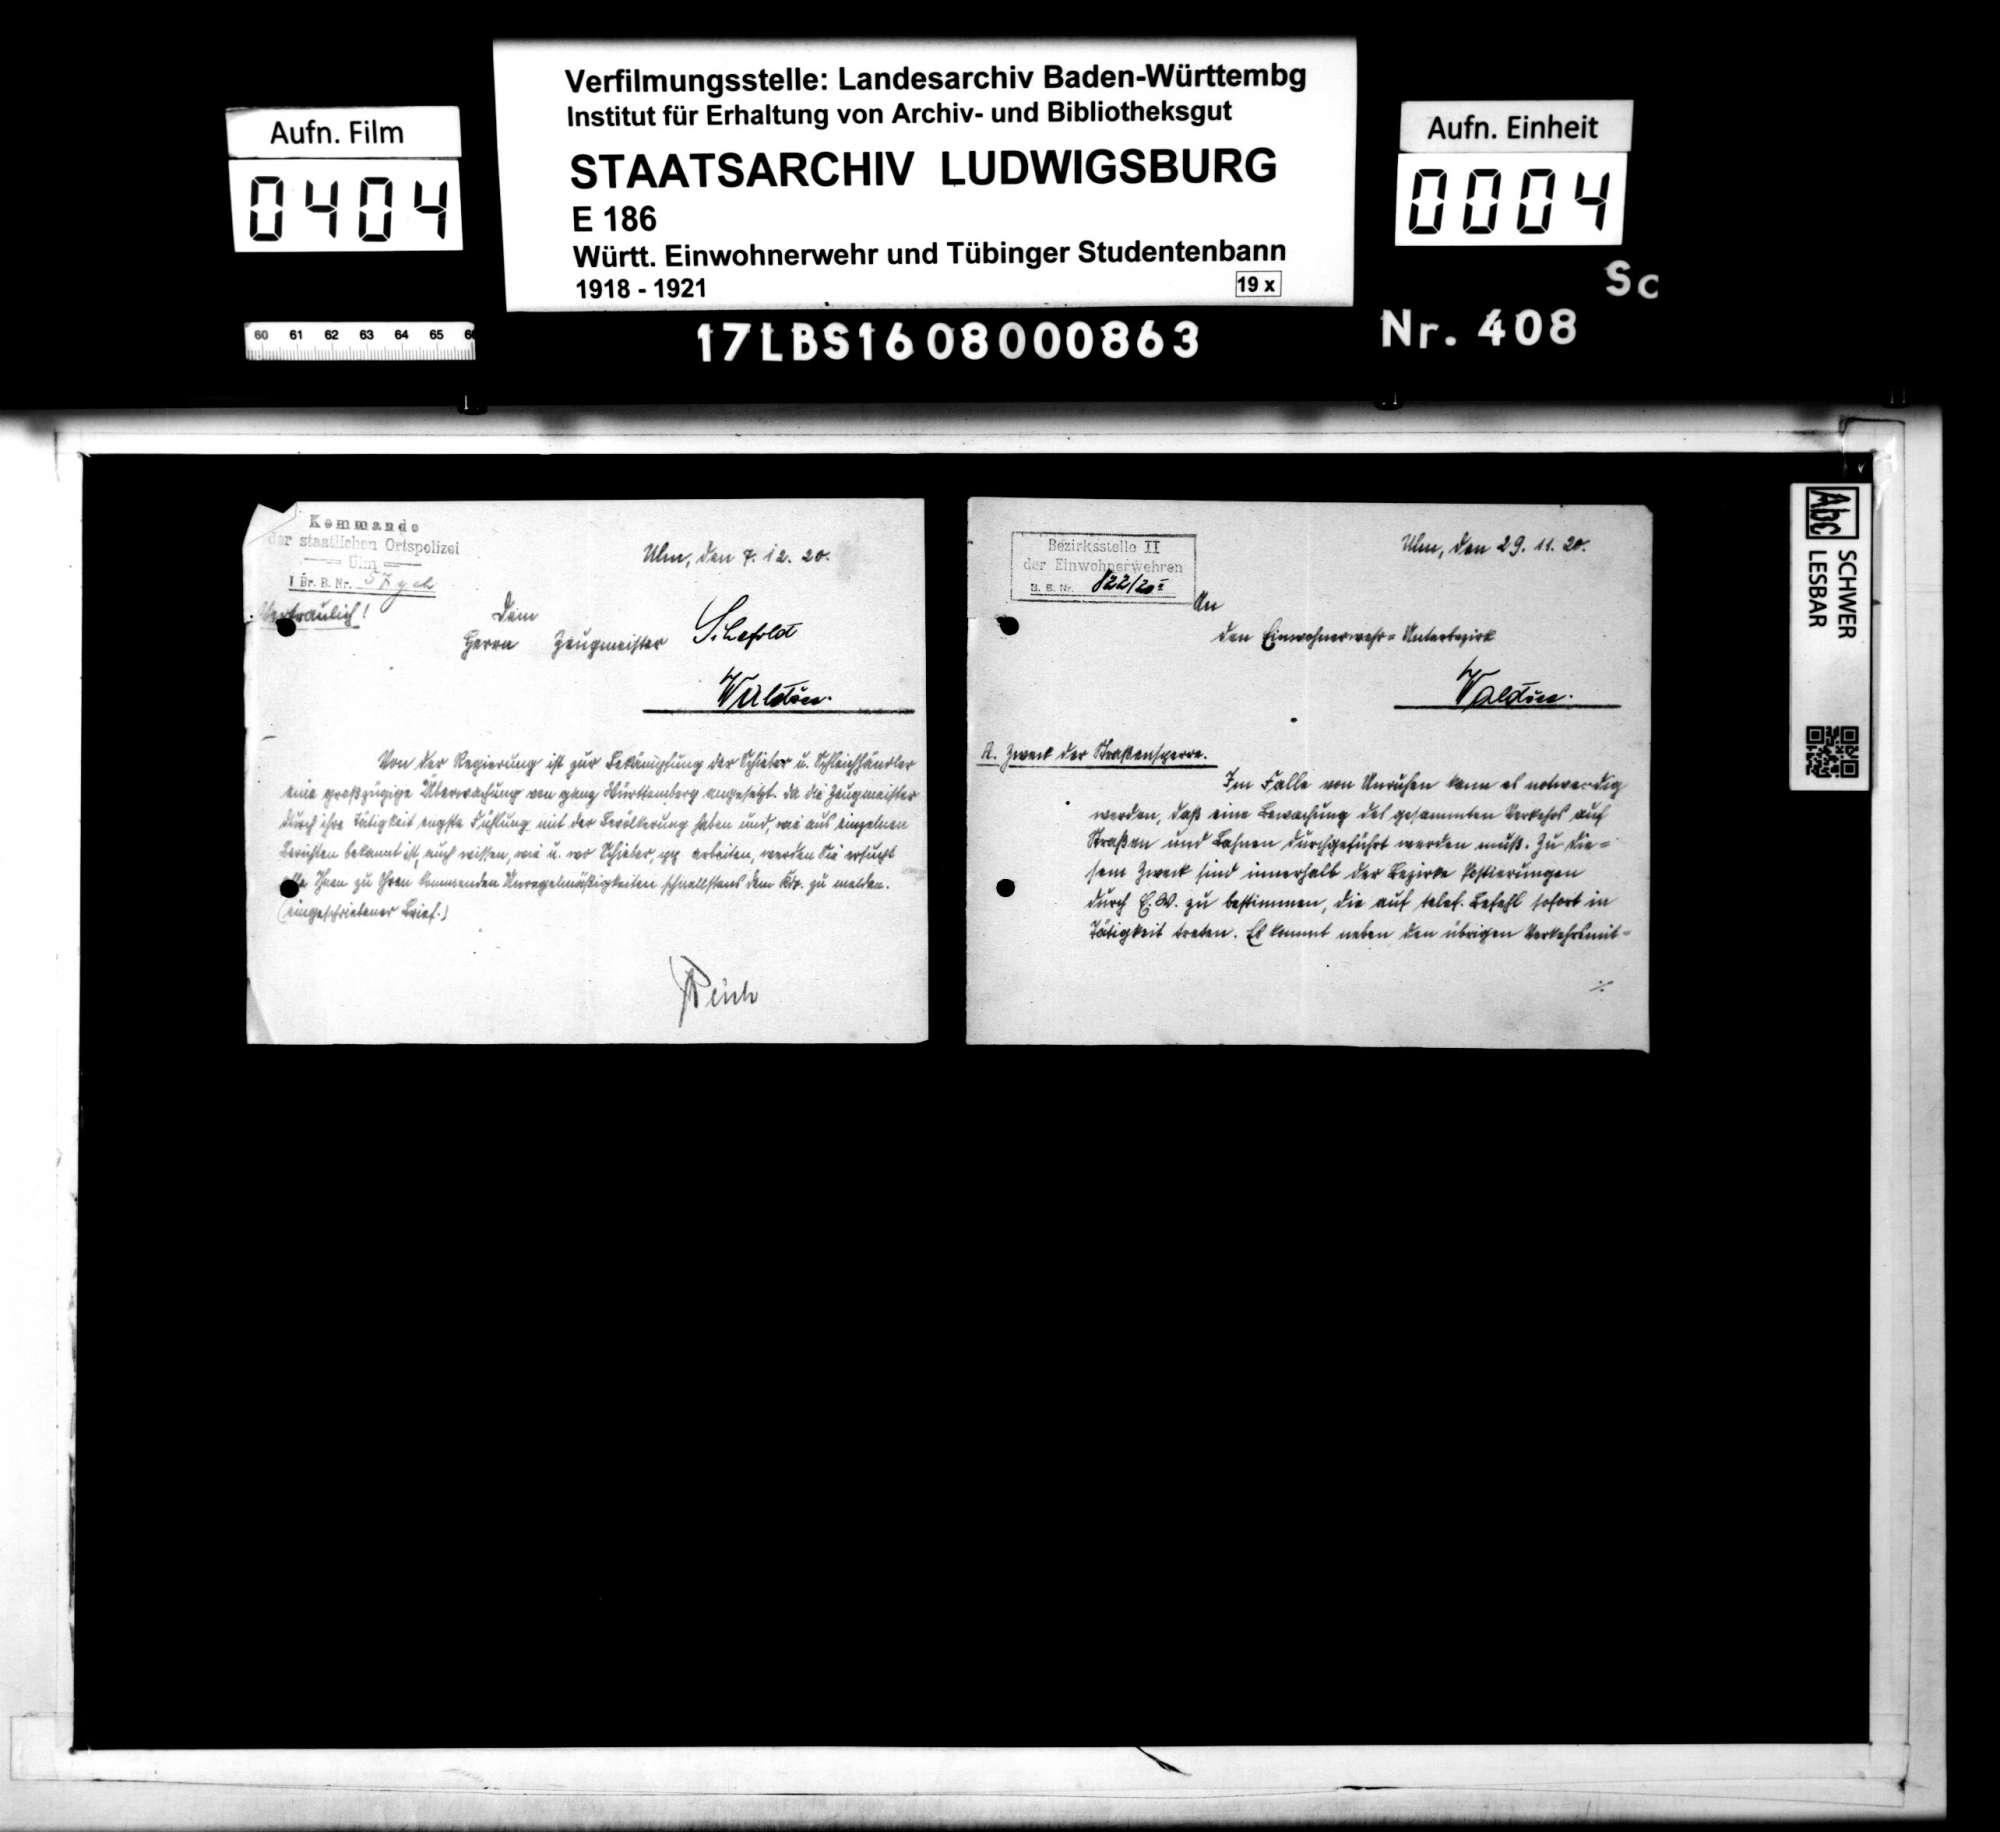 Verfügungen der Hauptstelle für Einwohnerwehren Württembergs, der Bezirksstelle 2 Ulm und anderer Dienststellen, Bild 2